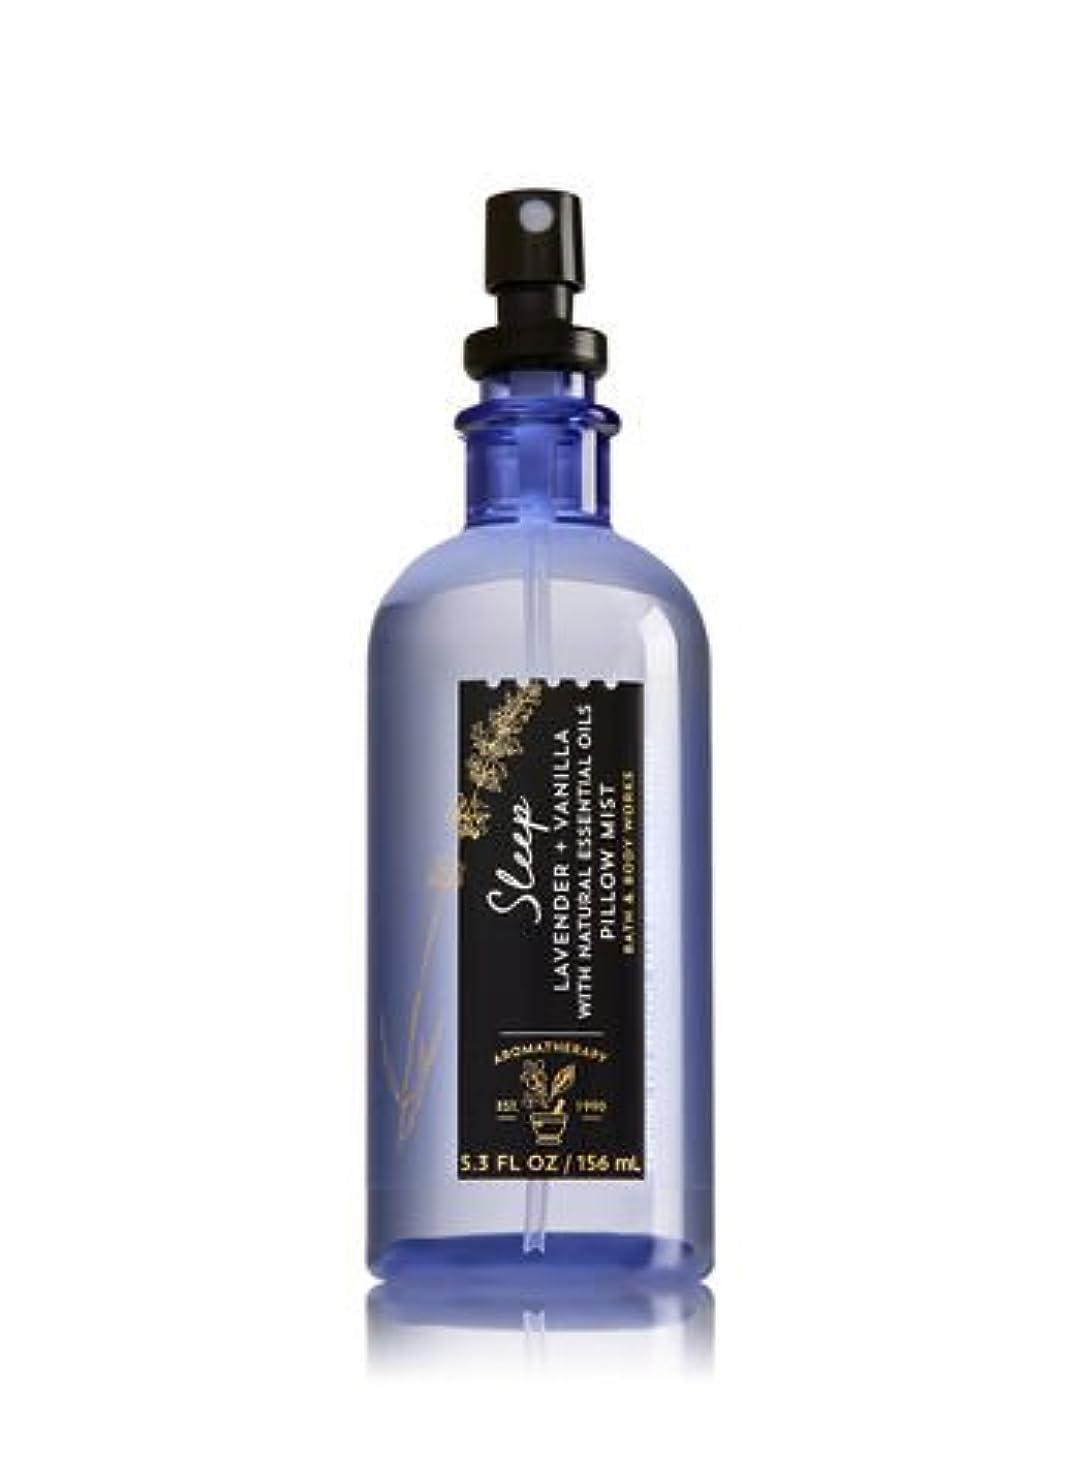 受動的政治的反射【Bath&Body Works/バス&ボディワークス】 ピローミスト アロマセラピー スリープ ラベンダーバニラ Aromatherapy Pillow Mist Sleep Lavender Vanilla 5.3 fl oz / 156 mL [並行輸入品]